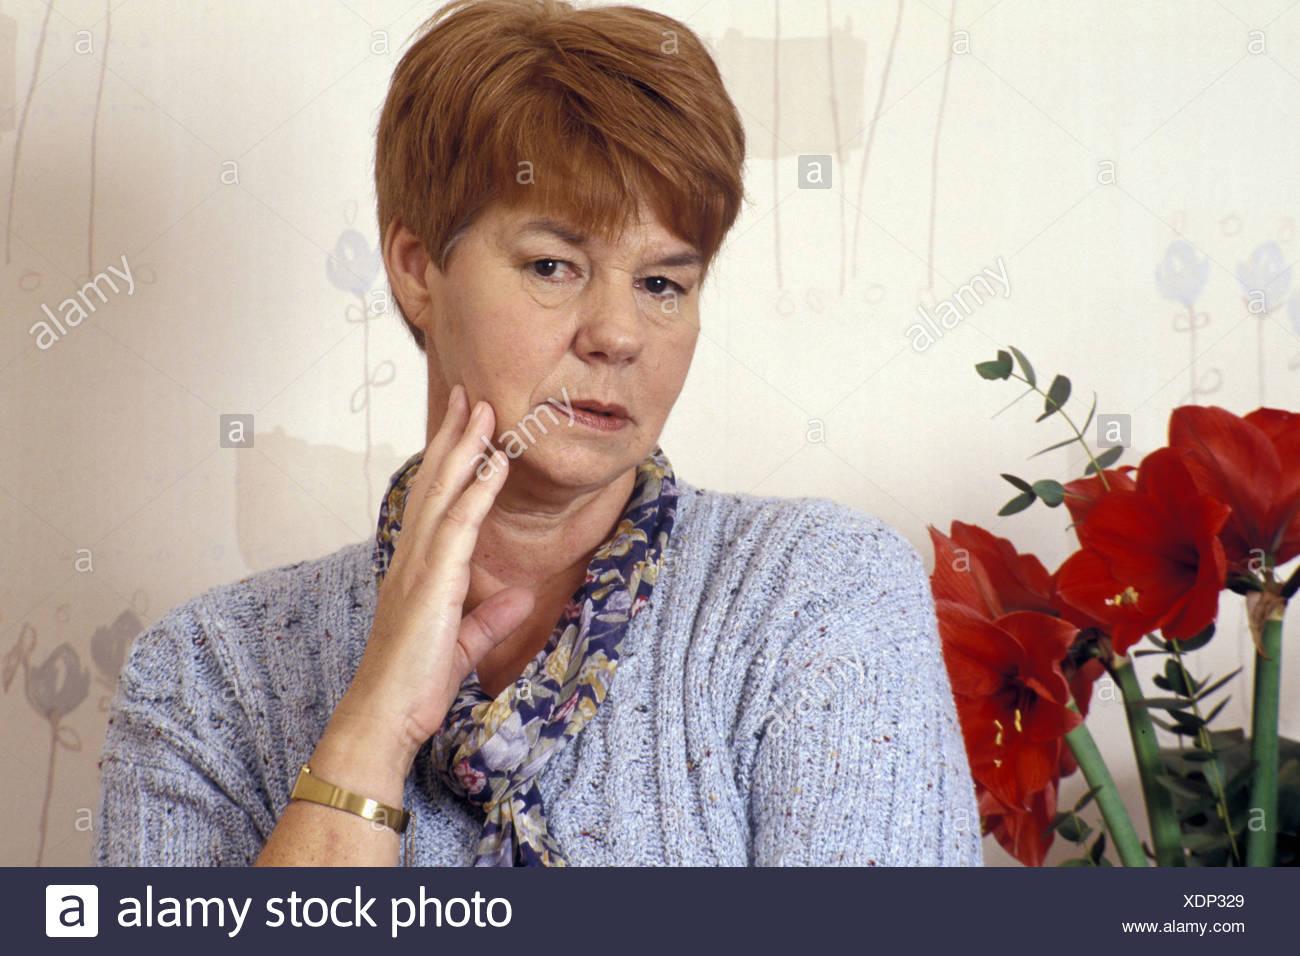 Furrowing brow senior woman looking moody at the camera - Stock Image